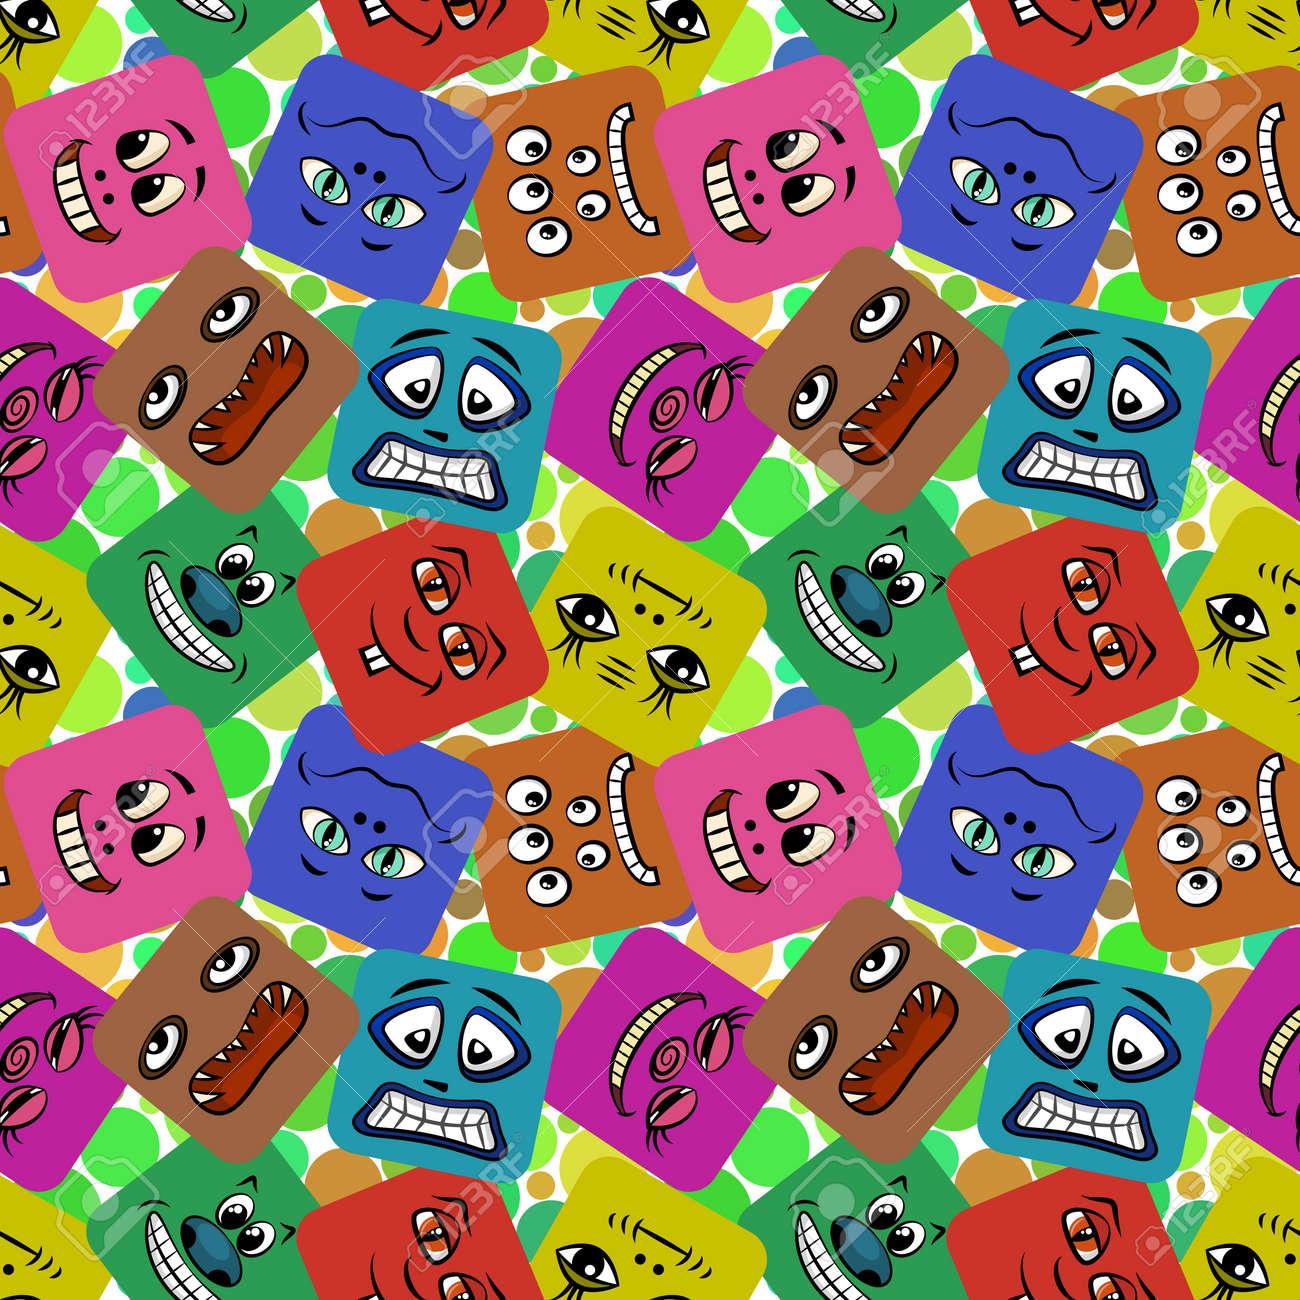 Fond Décran Sans Couture Avec Des Smileys Des Monstres Des Personnages De Dessin Animé Drôles Des Visages Différents Dans Des Carrés Colorés Un